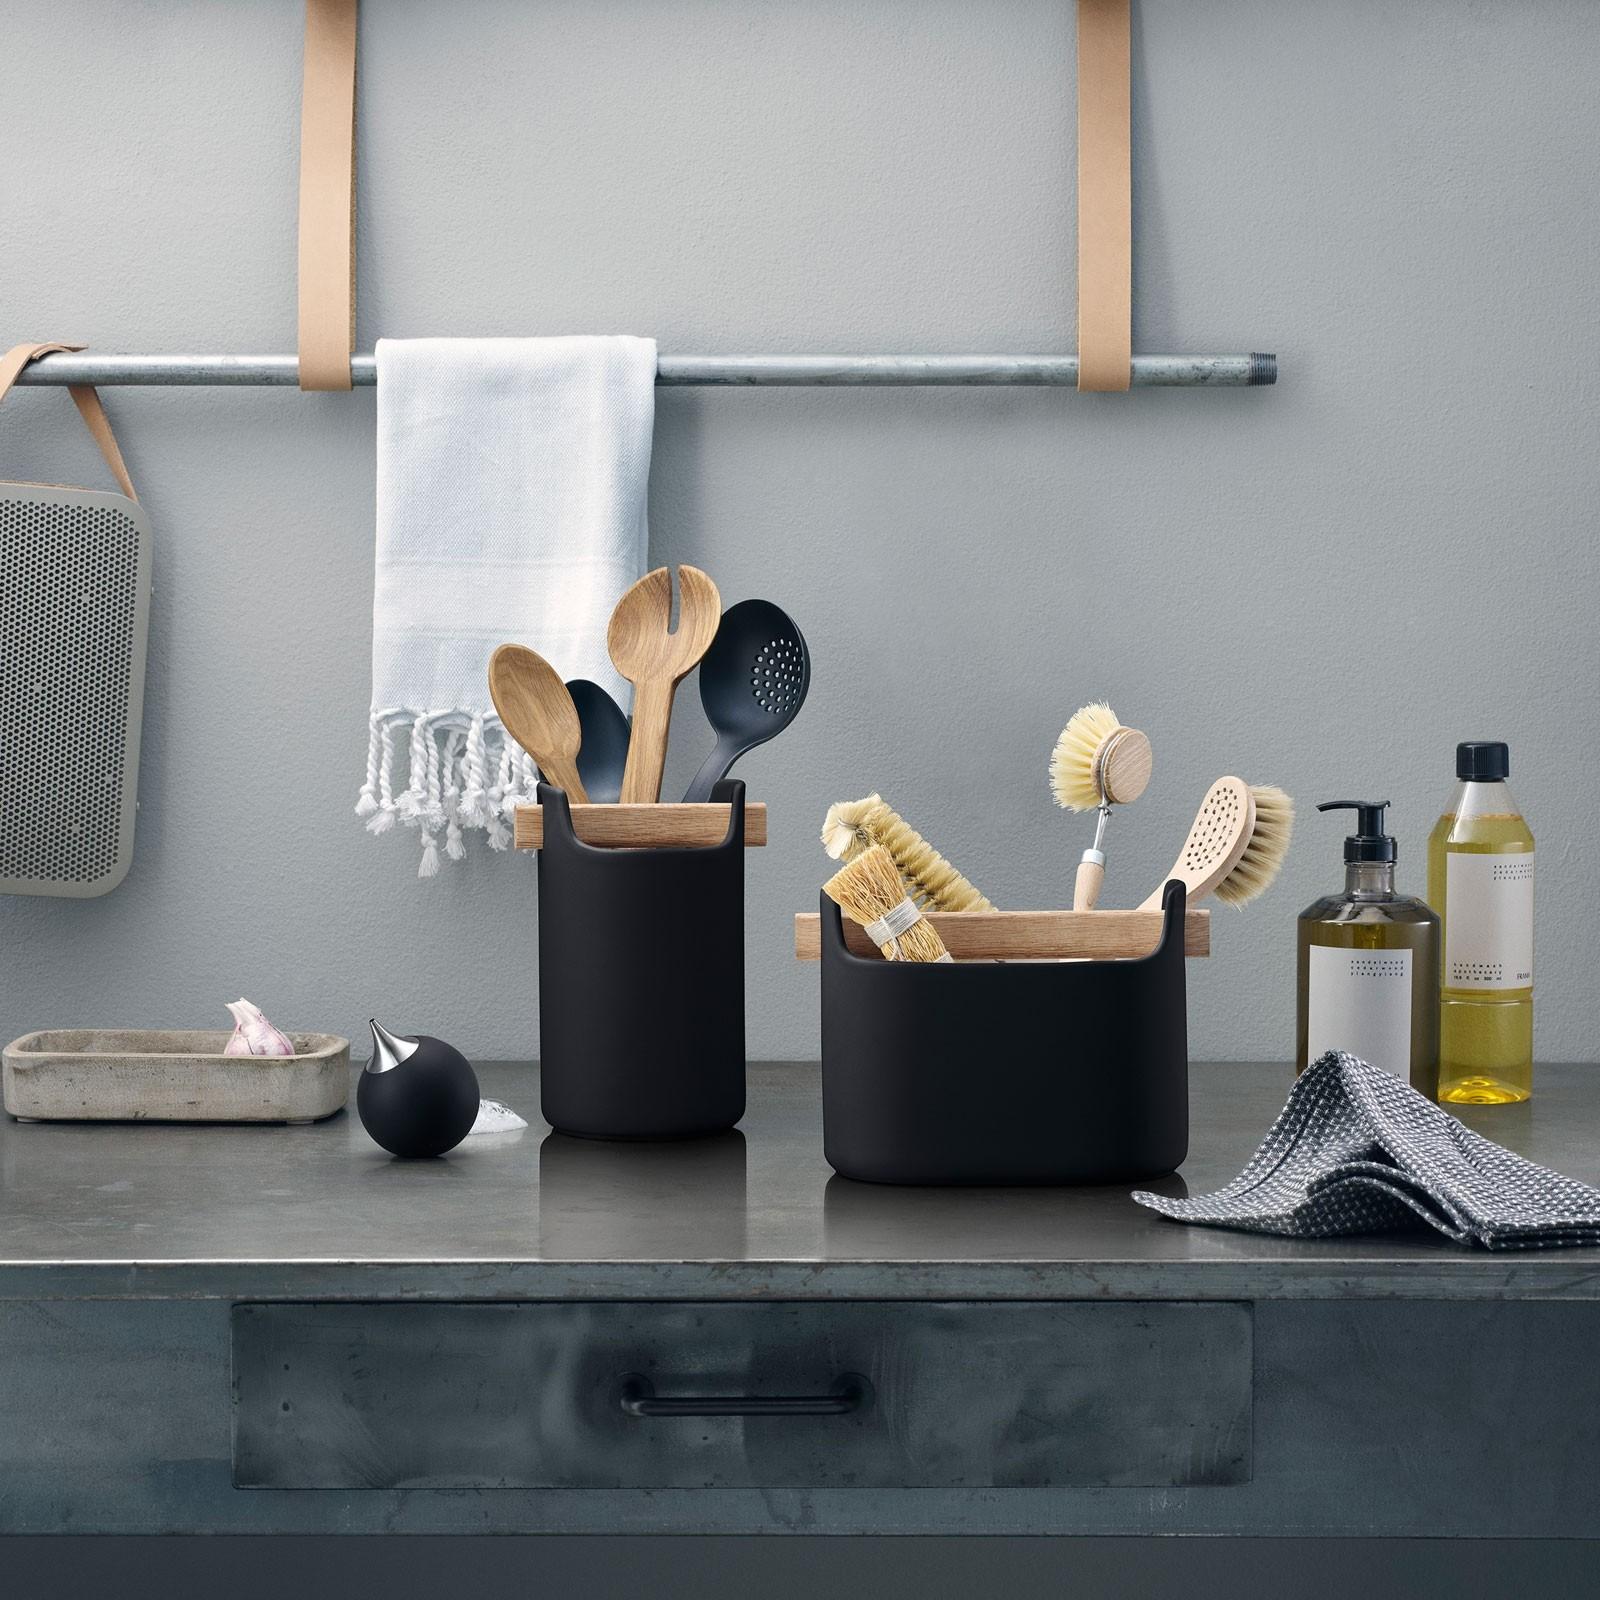 Full Size of Ikea Hängeschrank Aufbewahrungsbehlter Kche Keramik Glas Kaufen Hngeschrank Miniküche Küche Kosten Höhe Betten Bei Glastüren Bad Weiß Hochglanz 160x200 Wohnzimmer Ikea Hängeschrank